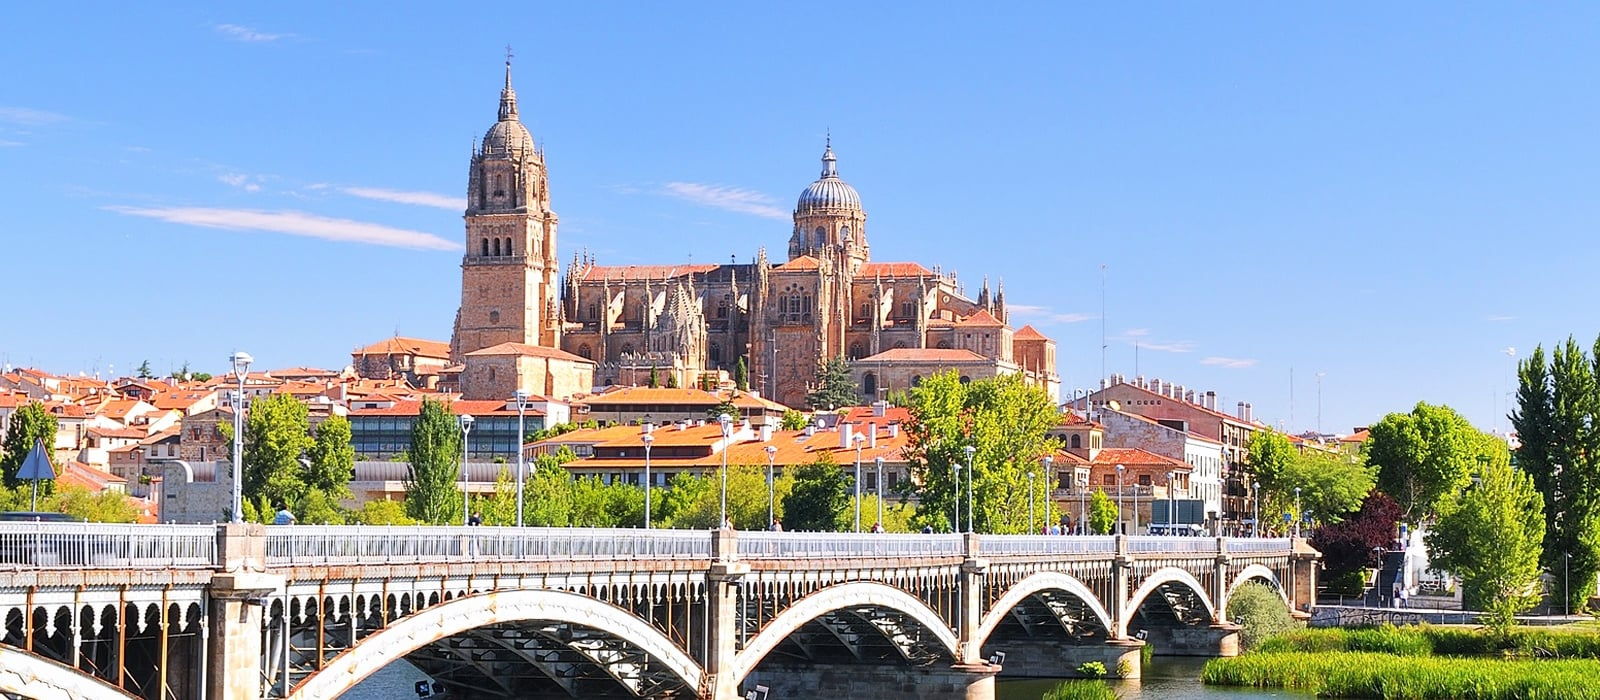 Vincci Hoteles. I migliori hotel della citté di Salamanca